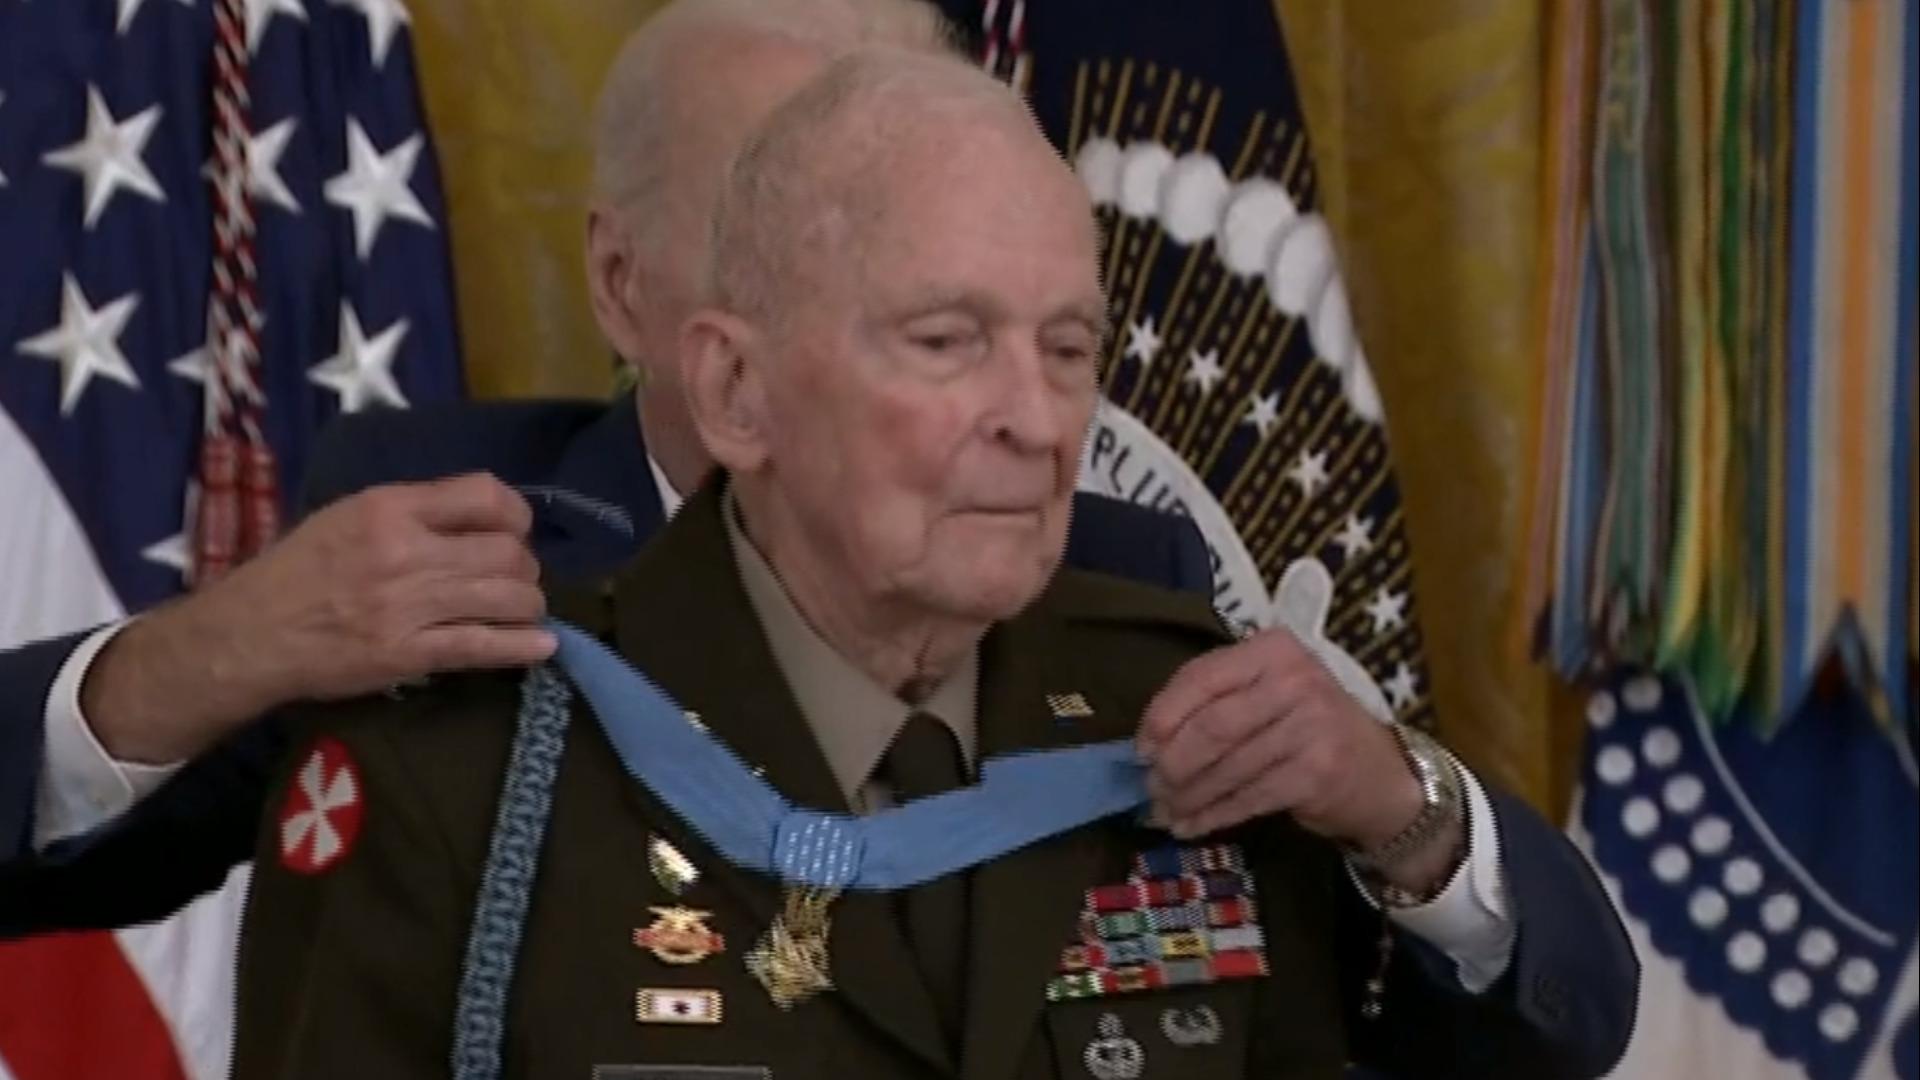 Korean war veteran receives Medal of Honor